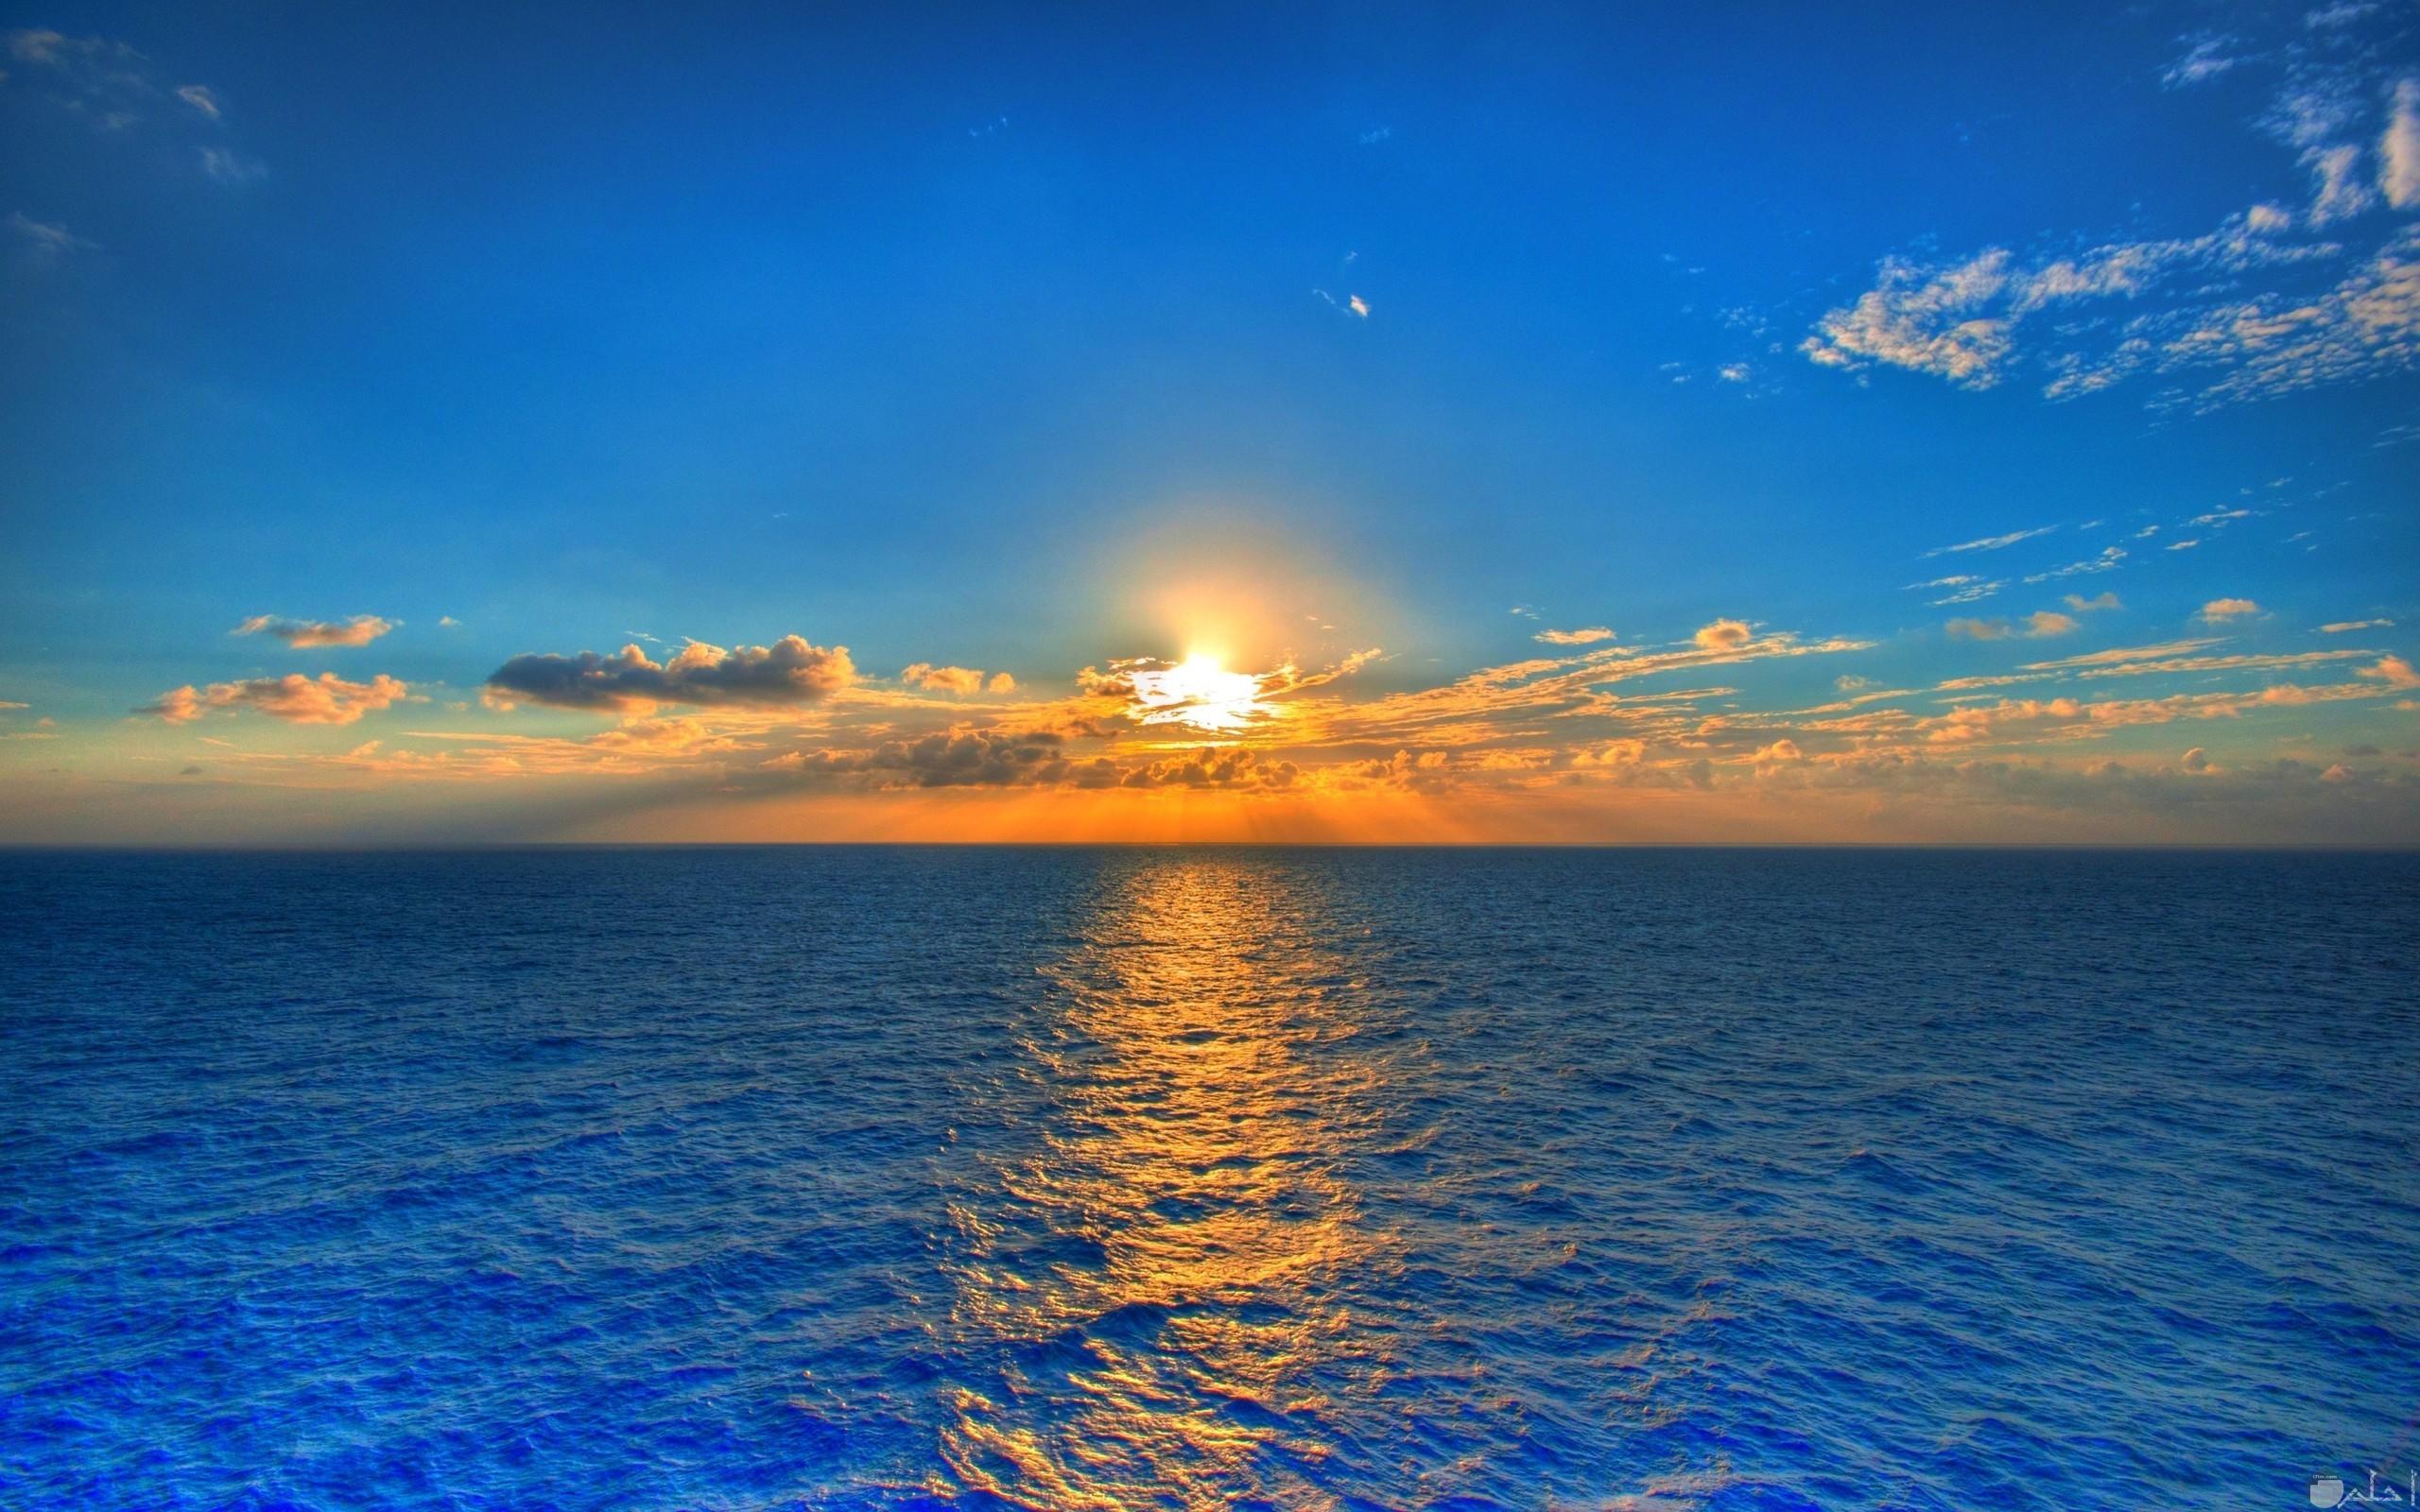 منظر طبيعى لغروب الشمس فوق بحر